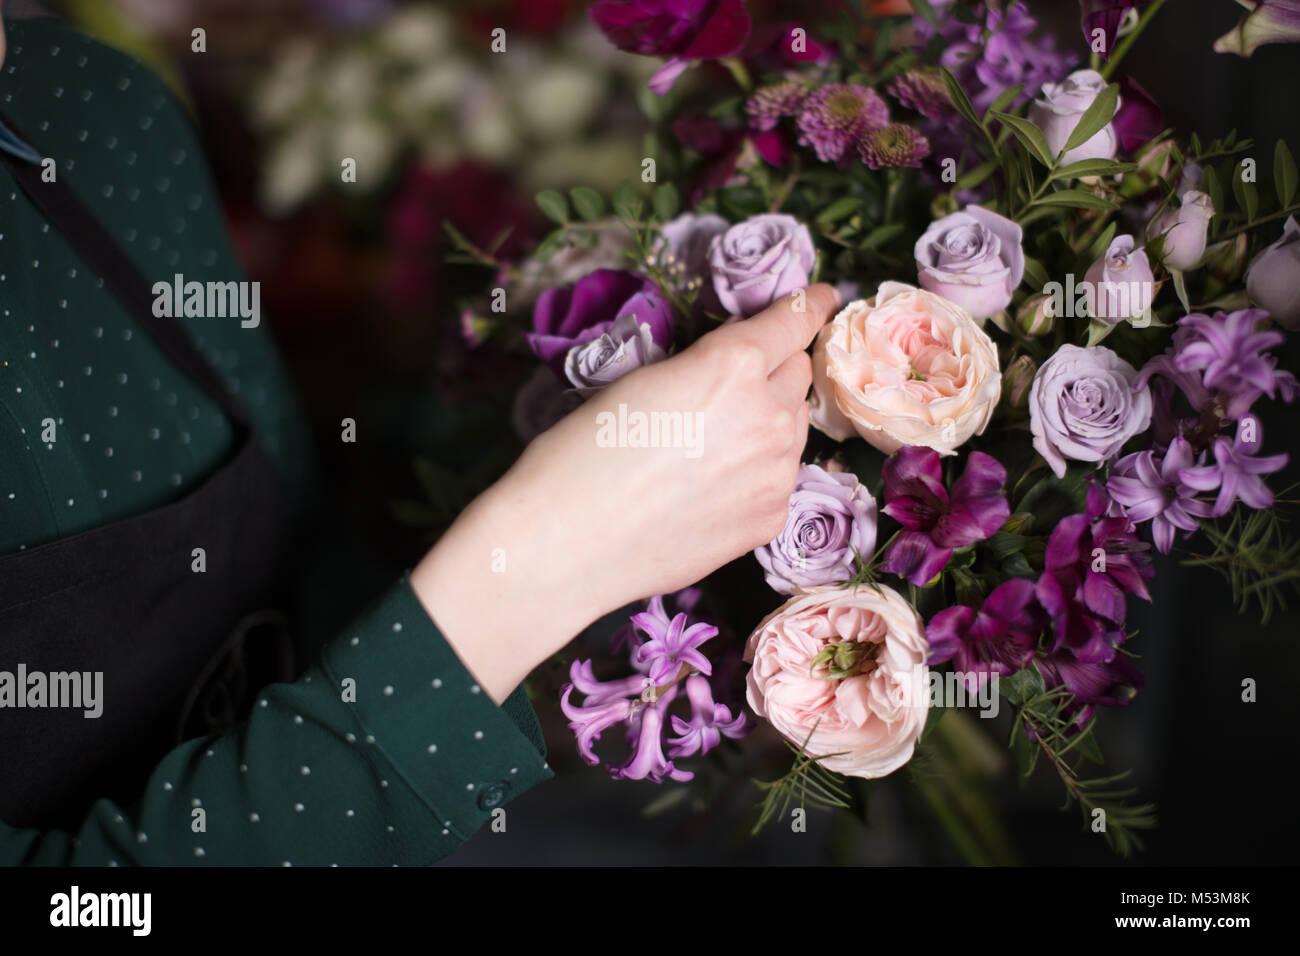 Junge Verkäufer berühren wunderschöne Rosen im Shop Stockbild